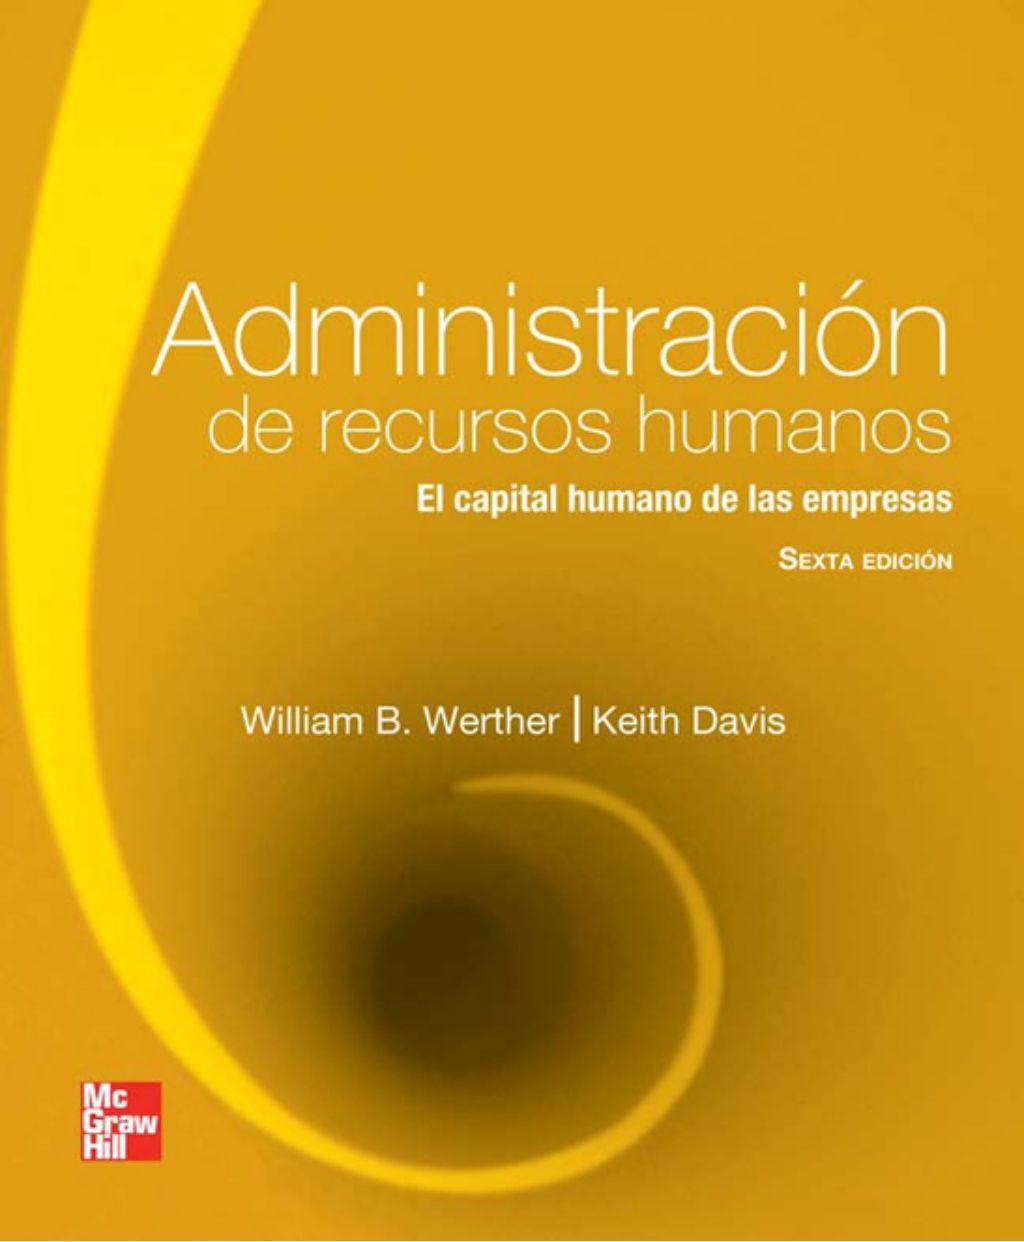 Administracion De Personal Y Recursos Humanos William B ... @tataya.com.mx